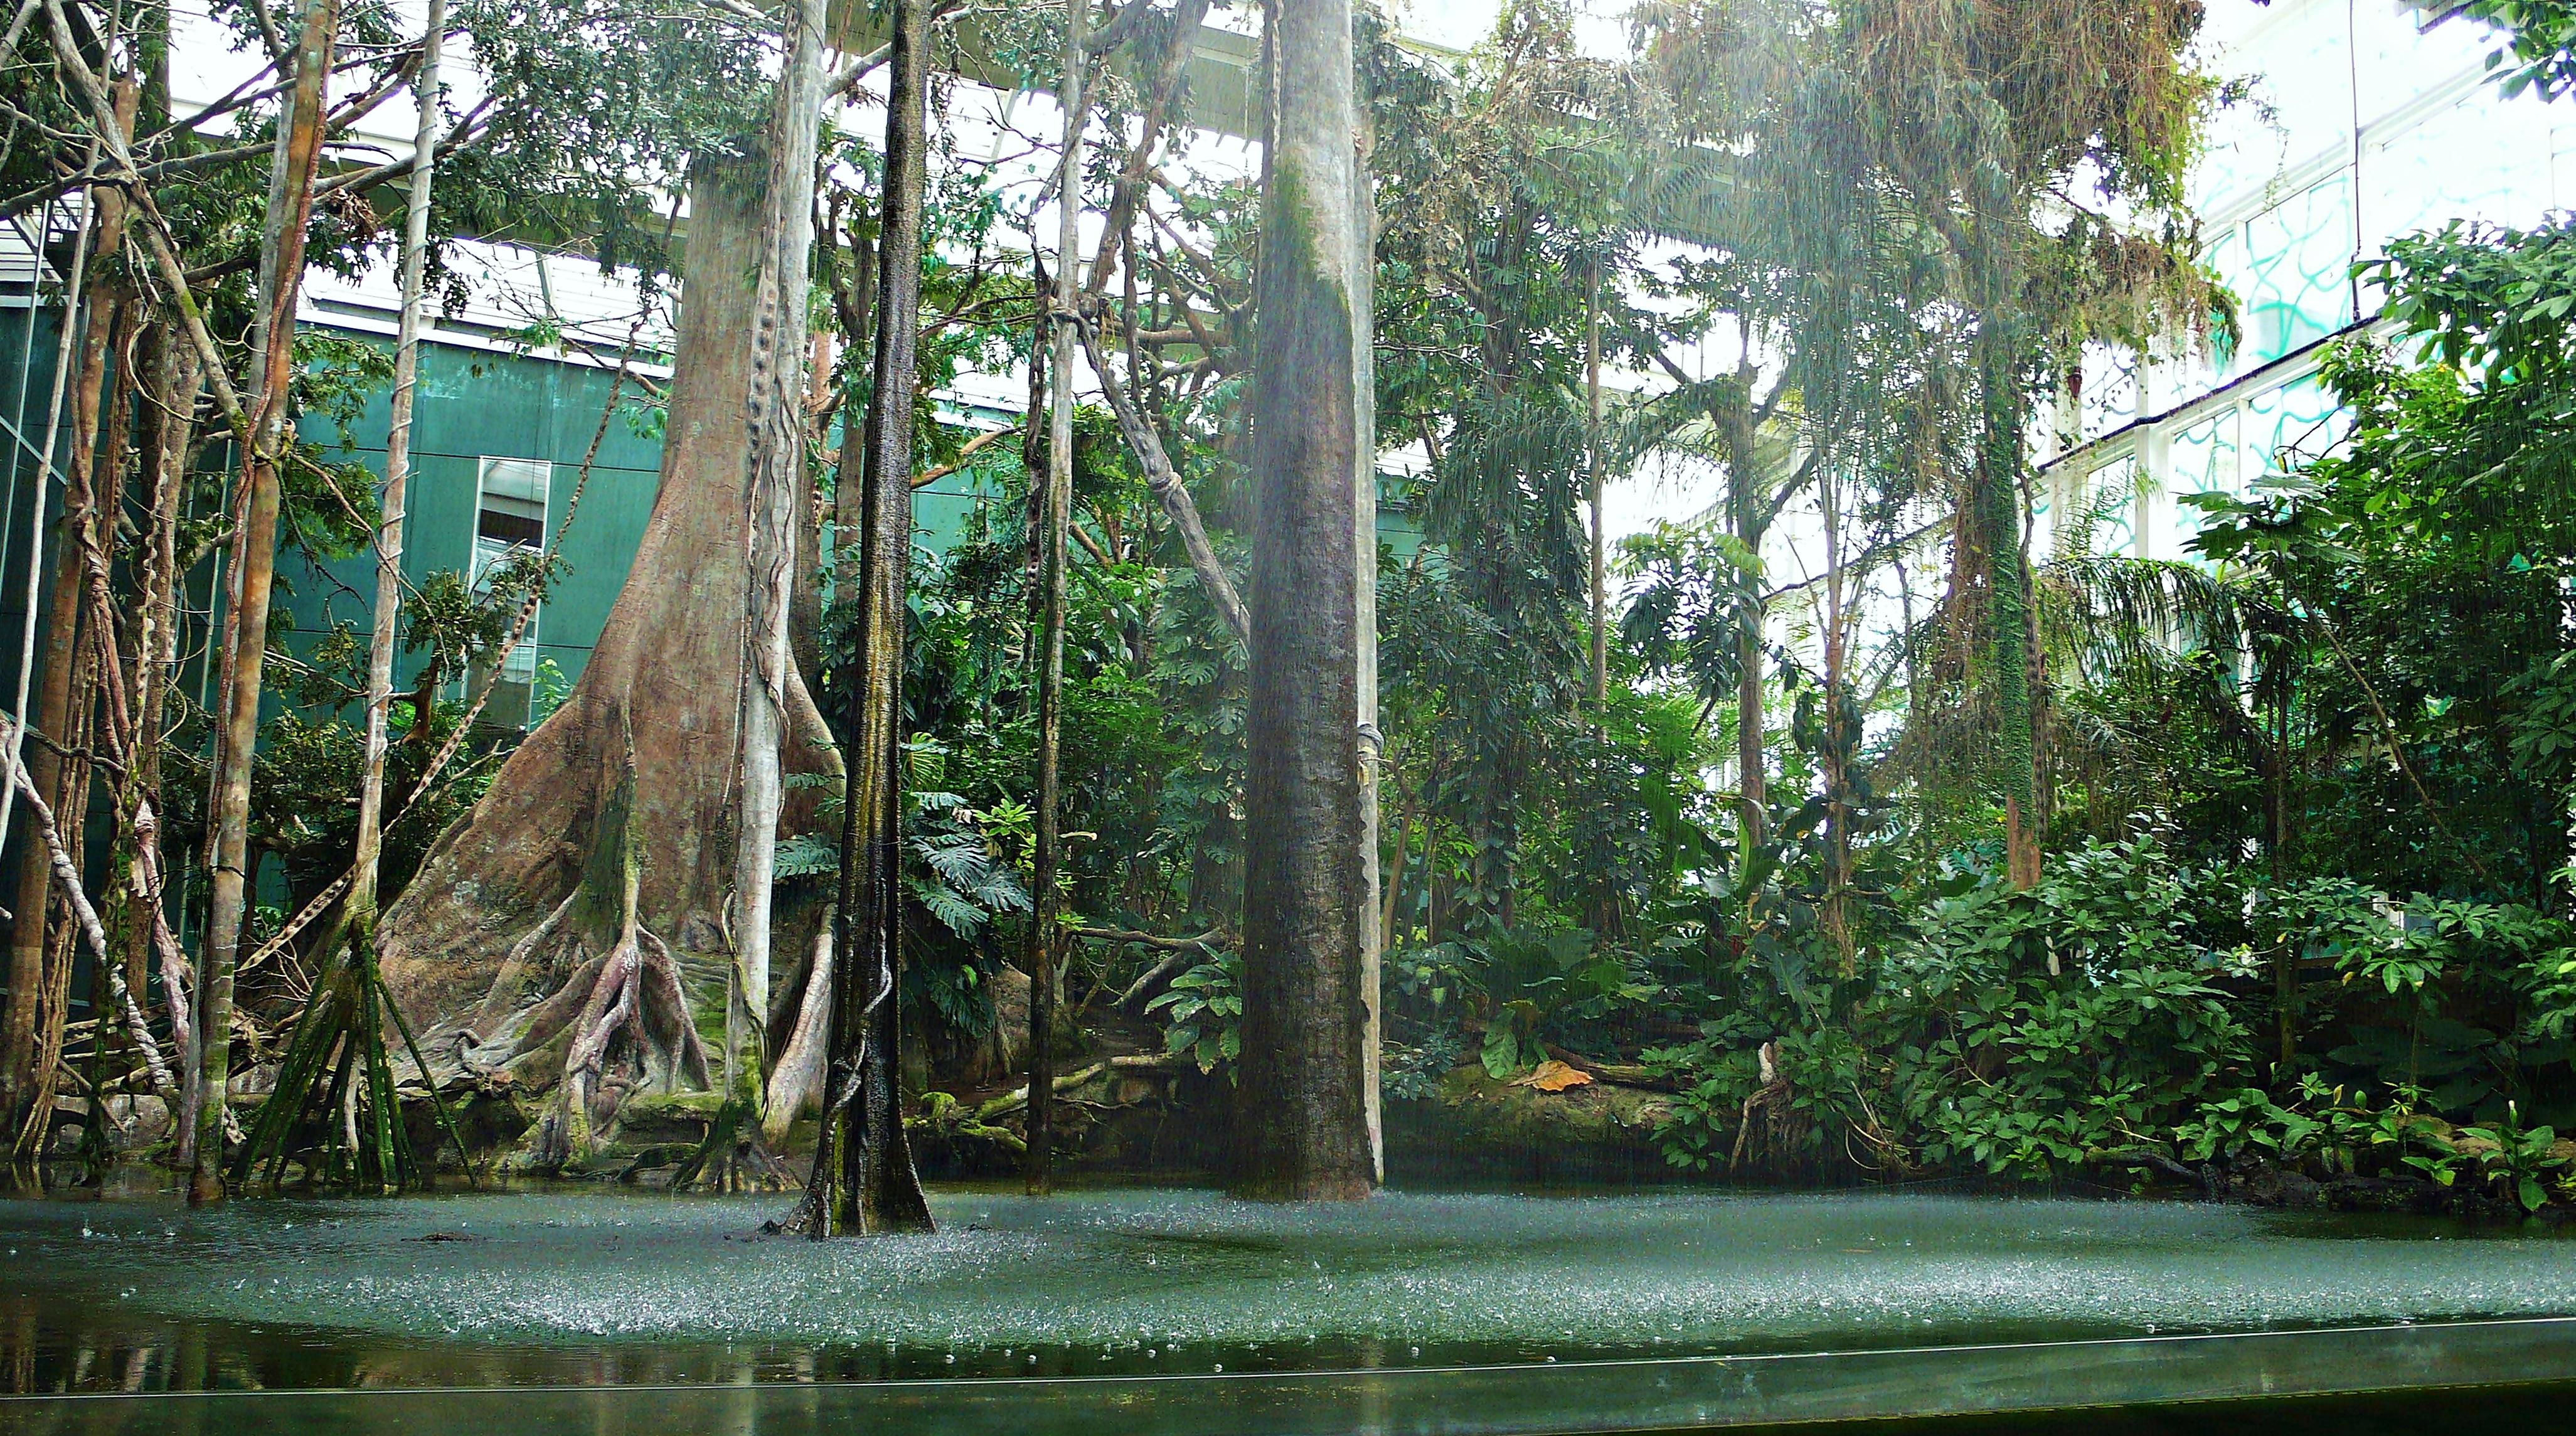 File:El bosque inundado amazonico-cosmocaixa-2009 (5).JPG - Wikimedia Commons